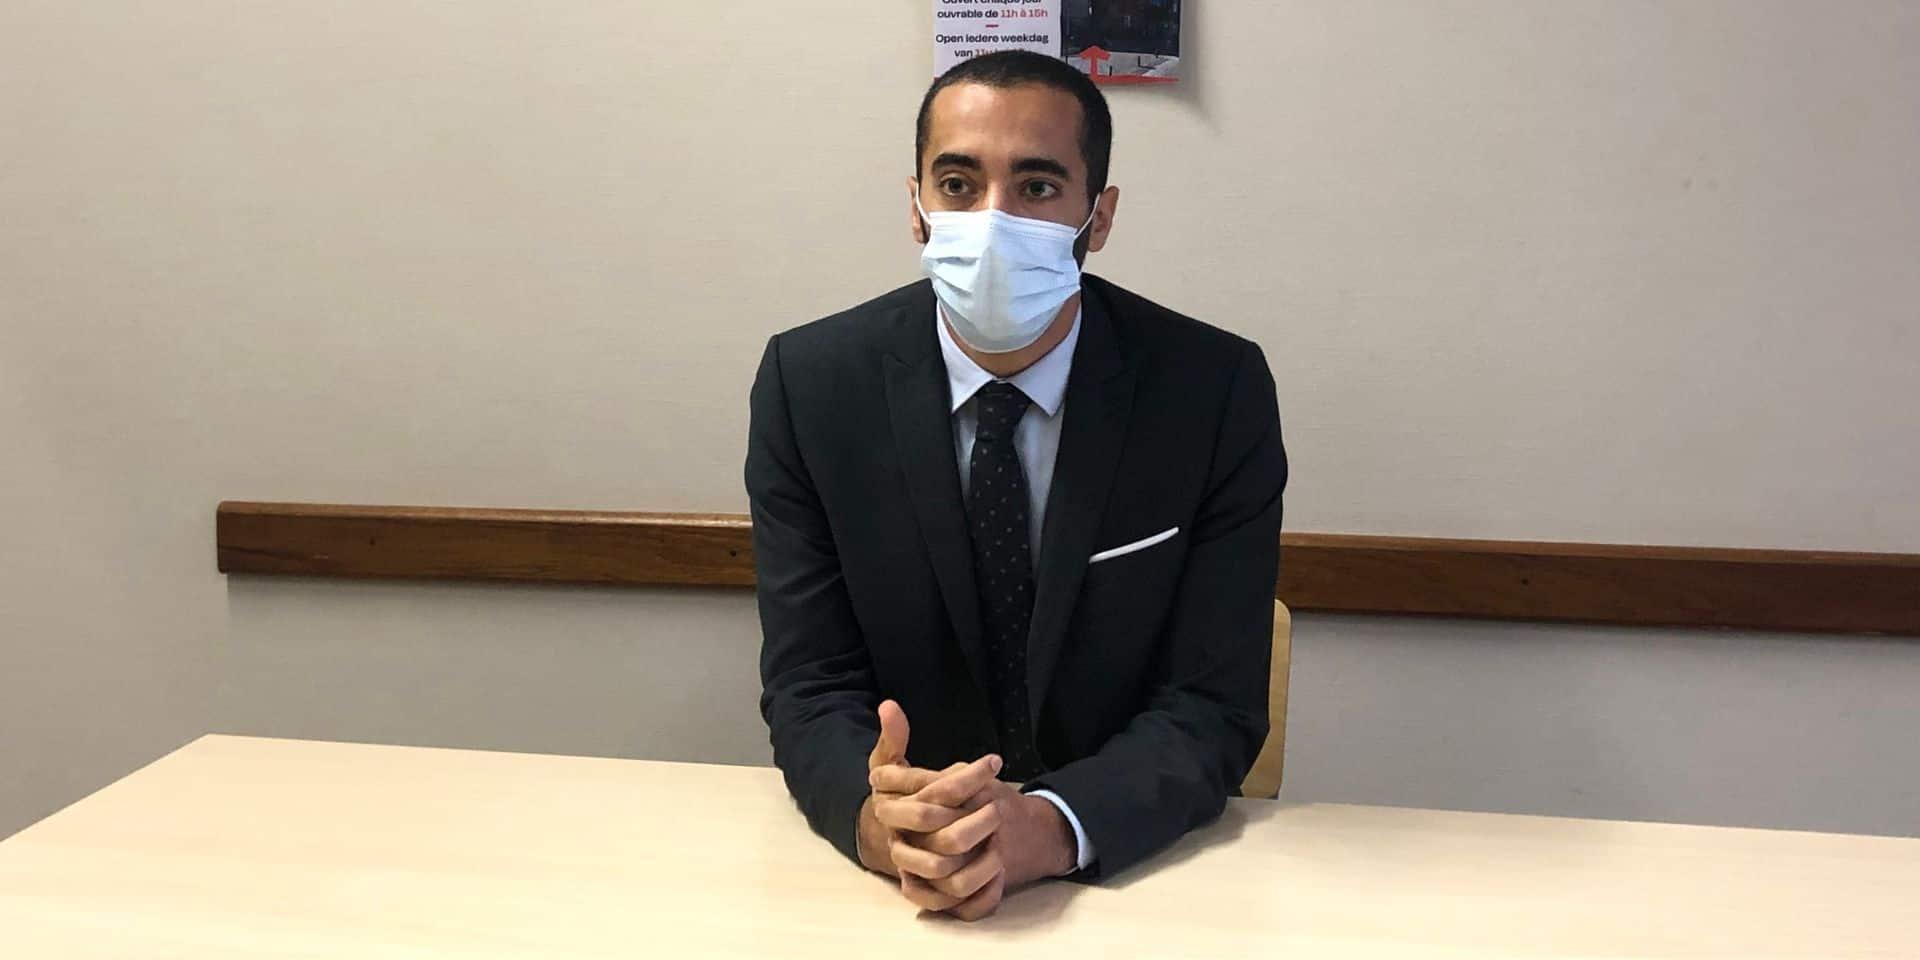 """Grève de la faim des sans-papiers : La santé des grévistes de la fin se détériore, """"pas de solution collective"""", répète Mahdi"""